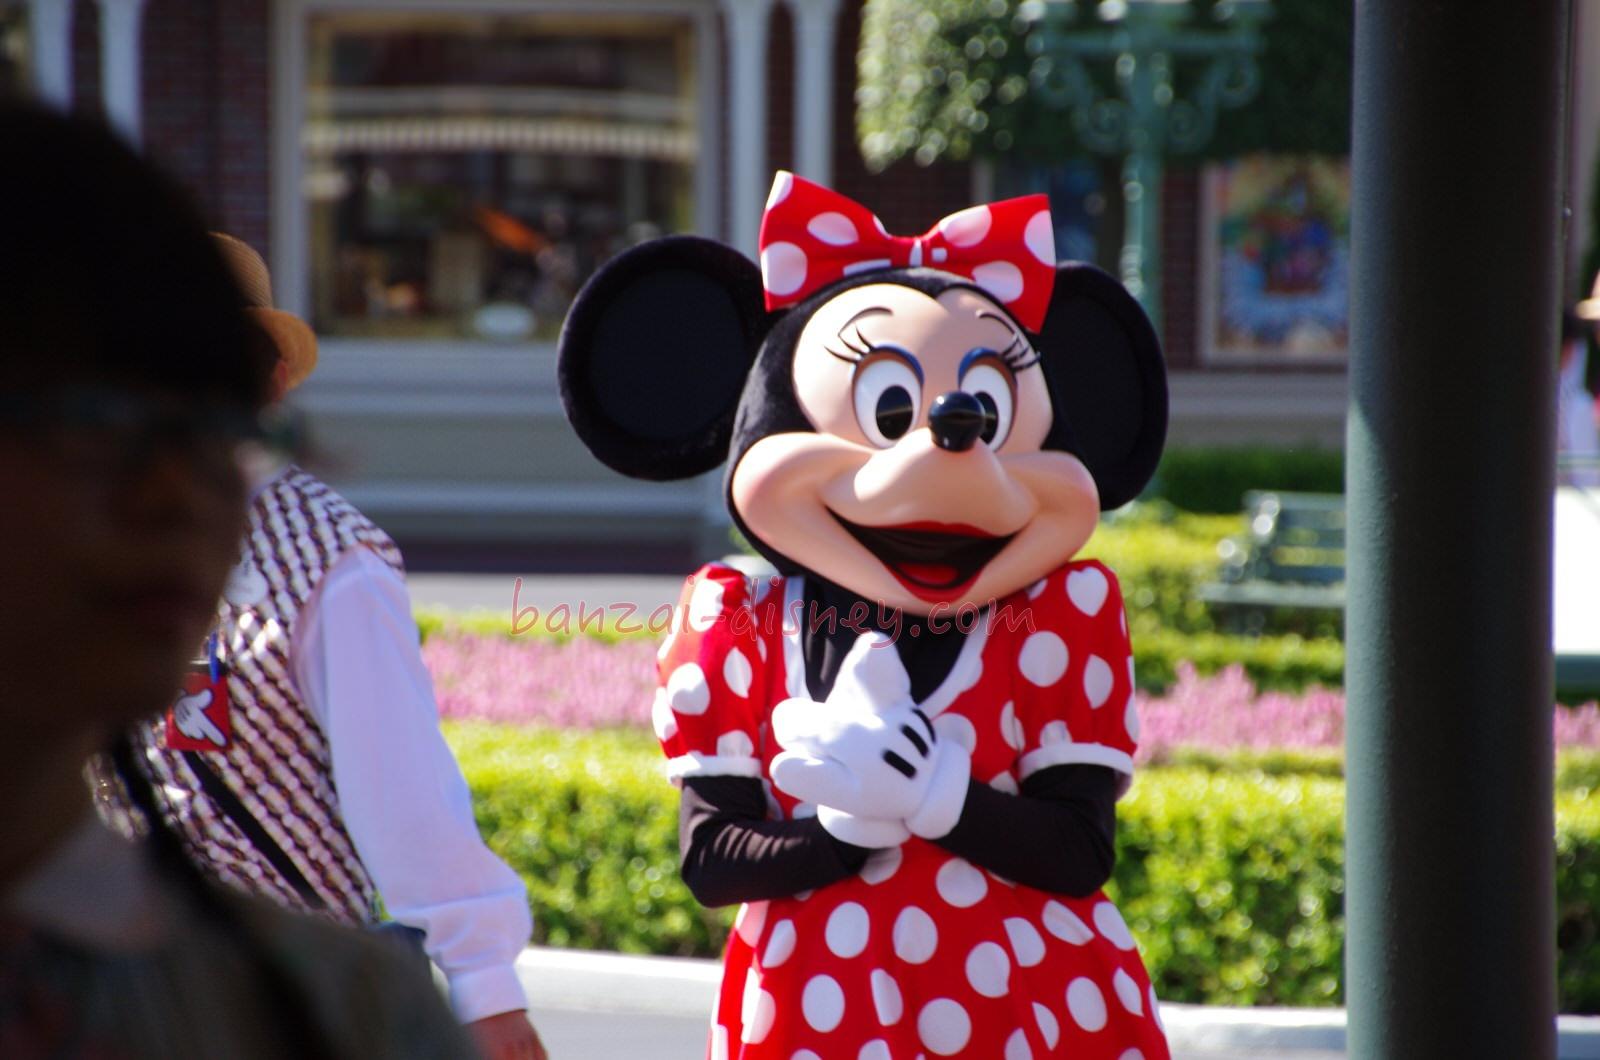 ミニーの新しい声は誰が担当する?後任の声優は遠藤綾さん!